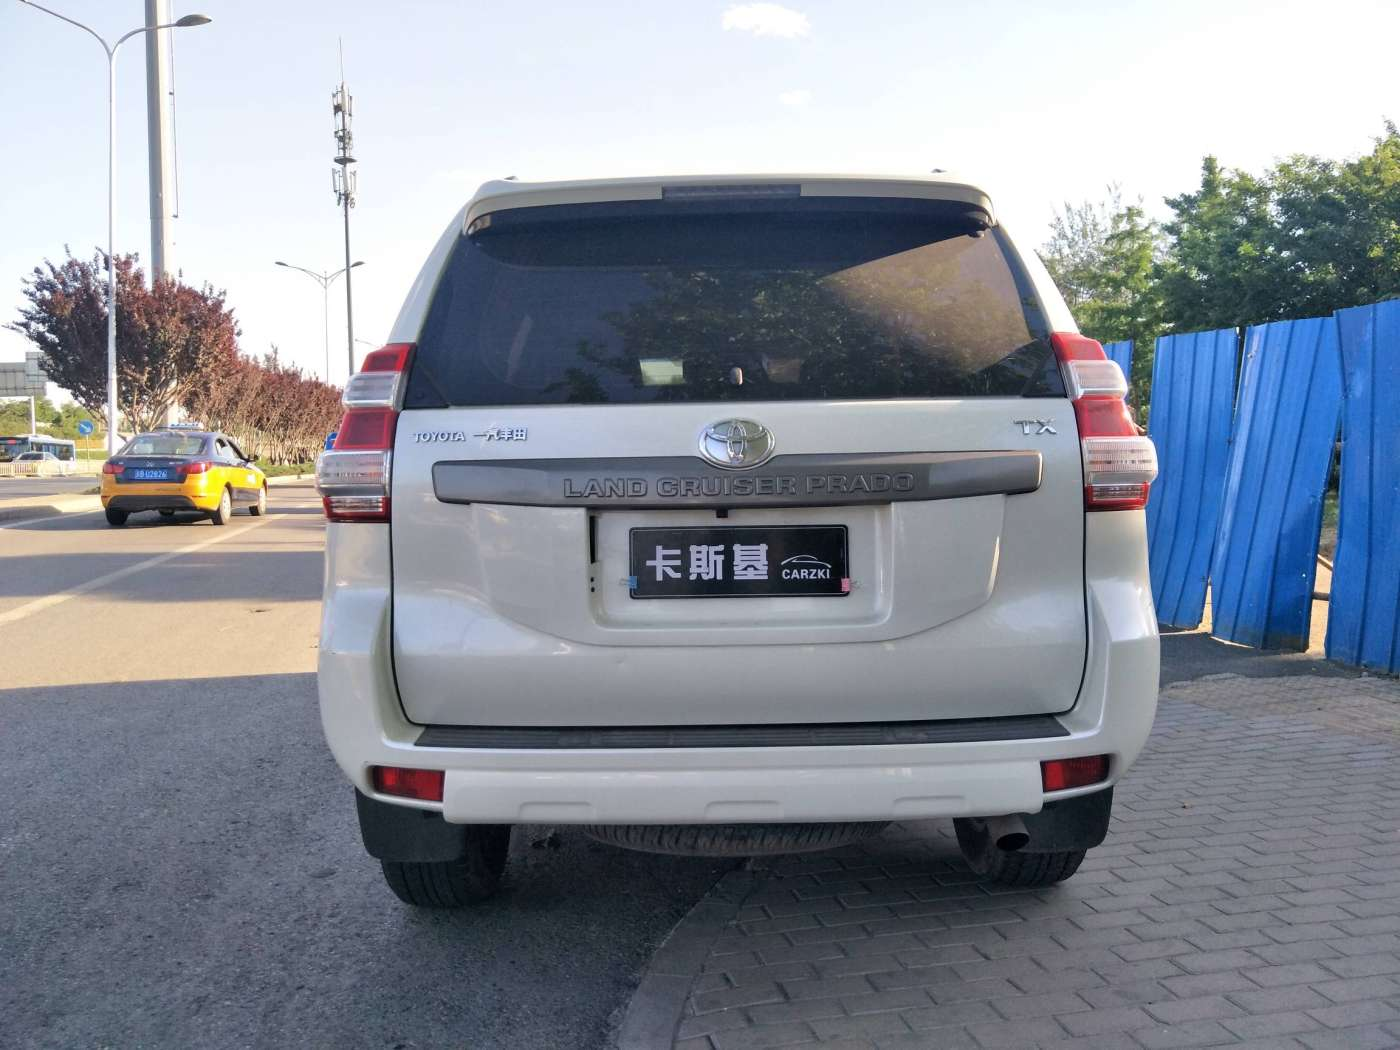 2016年01月 丰田 2016款 普拉多 2.7L 自动豪华版|甄选丰田-北京卡斯基汽车服务有限公司